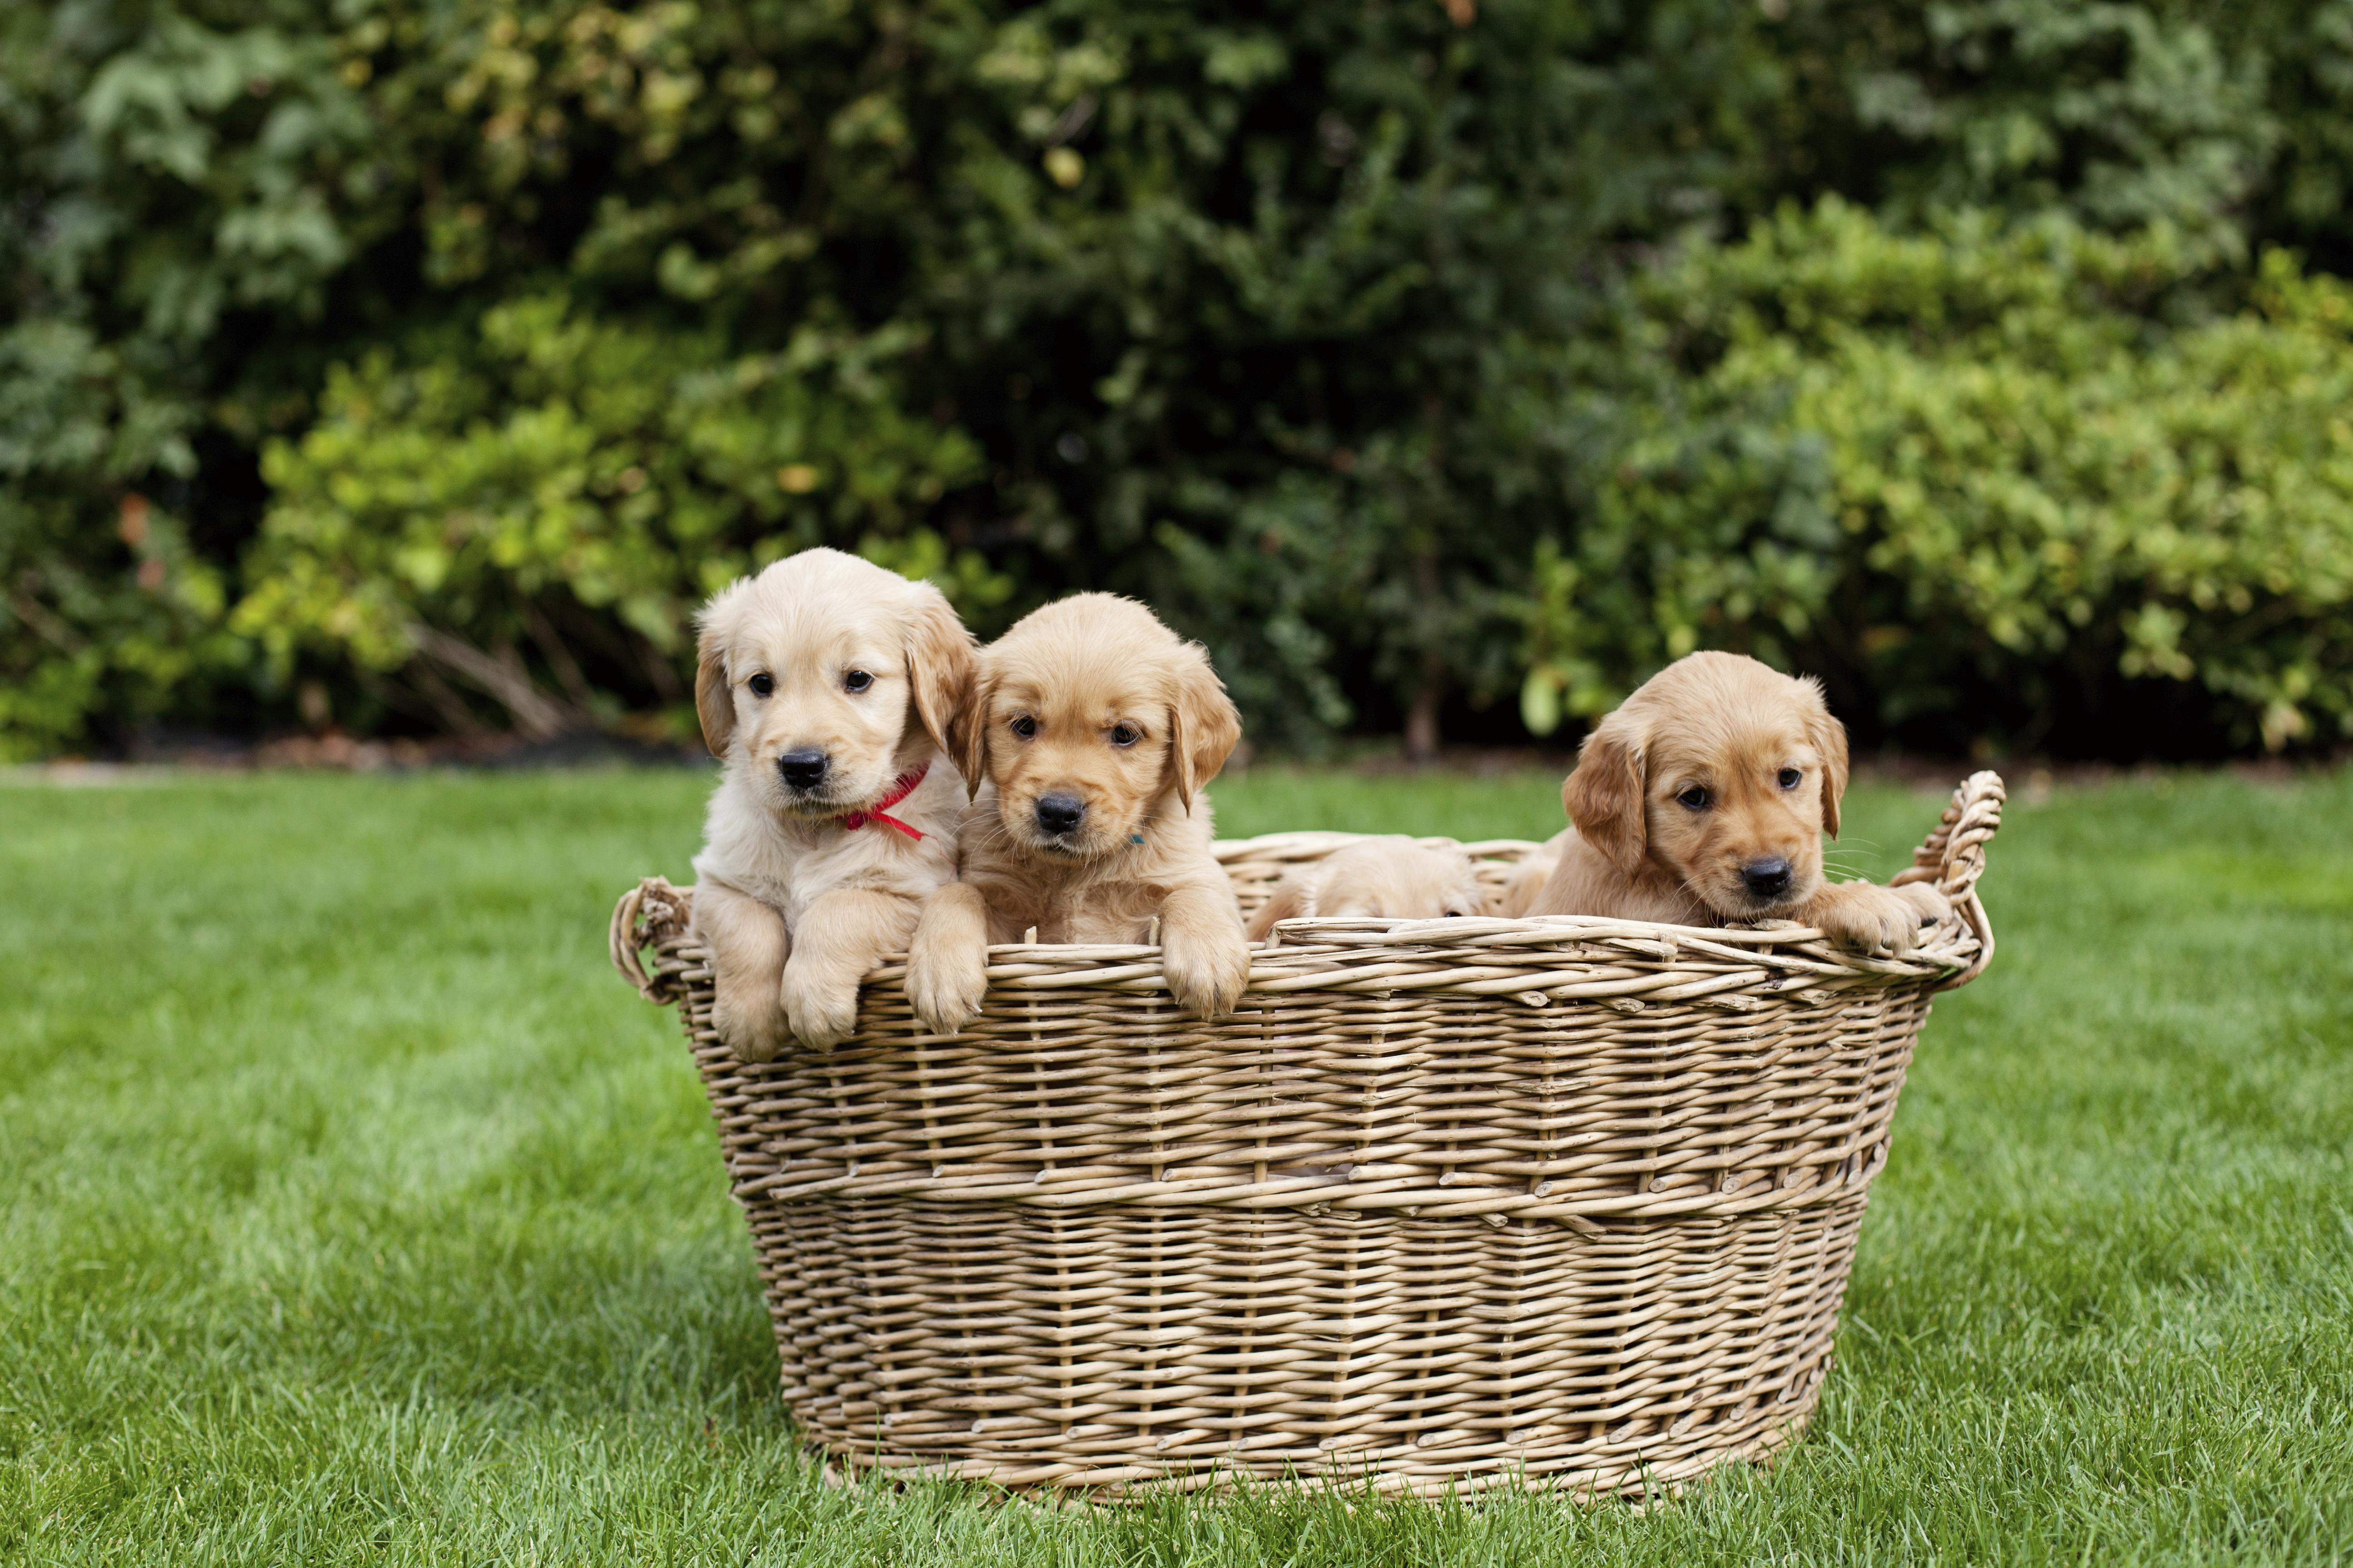 golden-retriever-puppies-in-basket